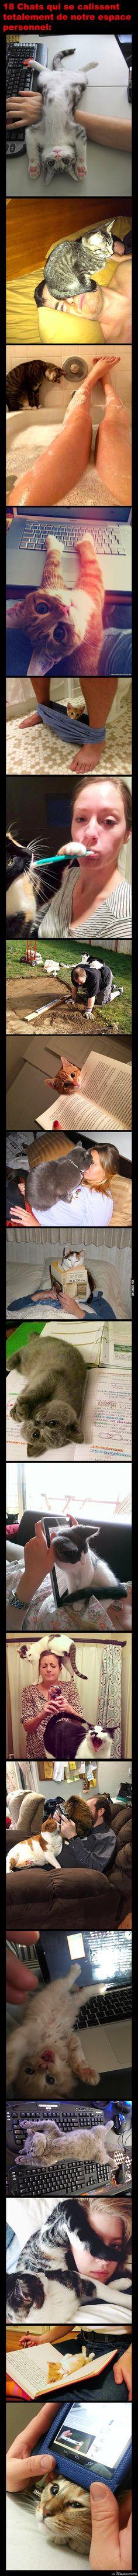 La preuve que les chats se calissent totalement d'entrer dans notre espace personnel: